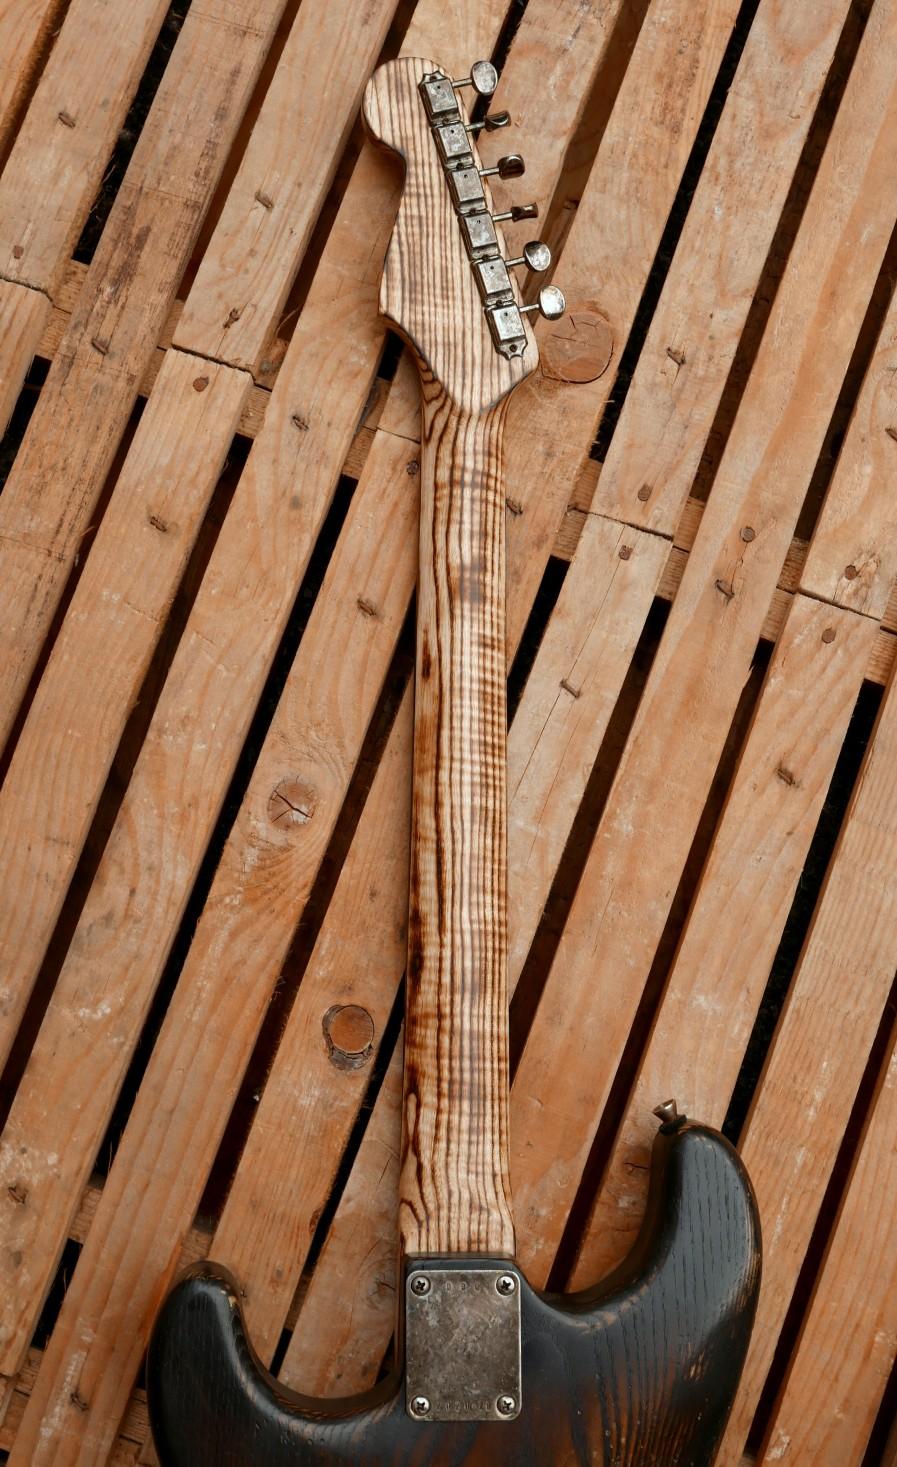 chitarra stratocaster manico retro